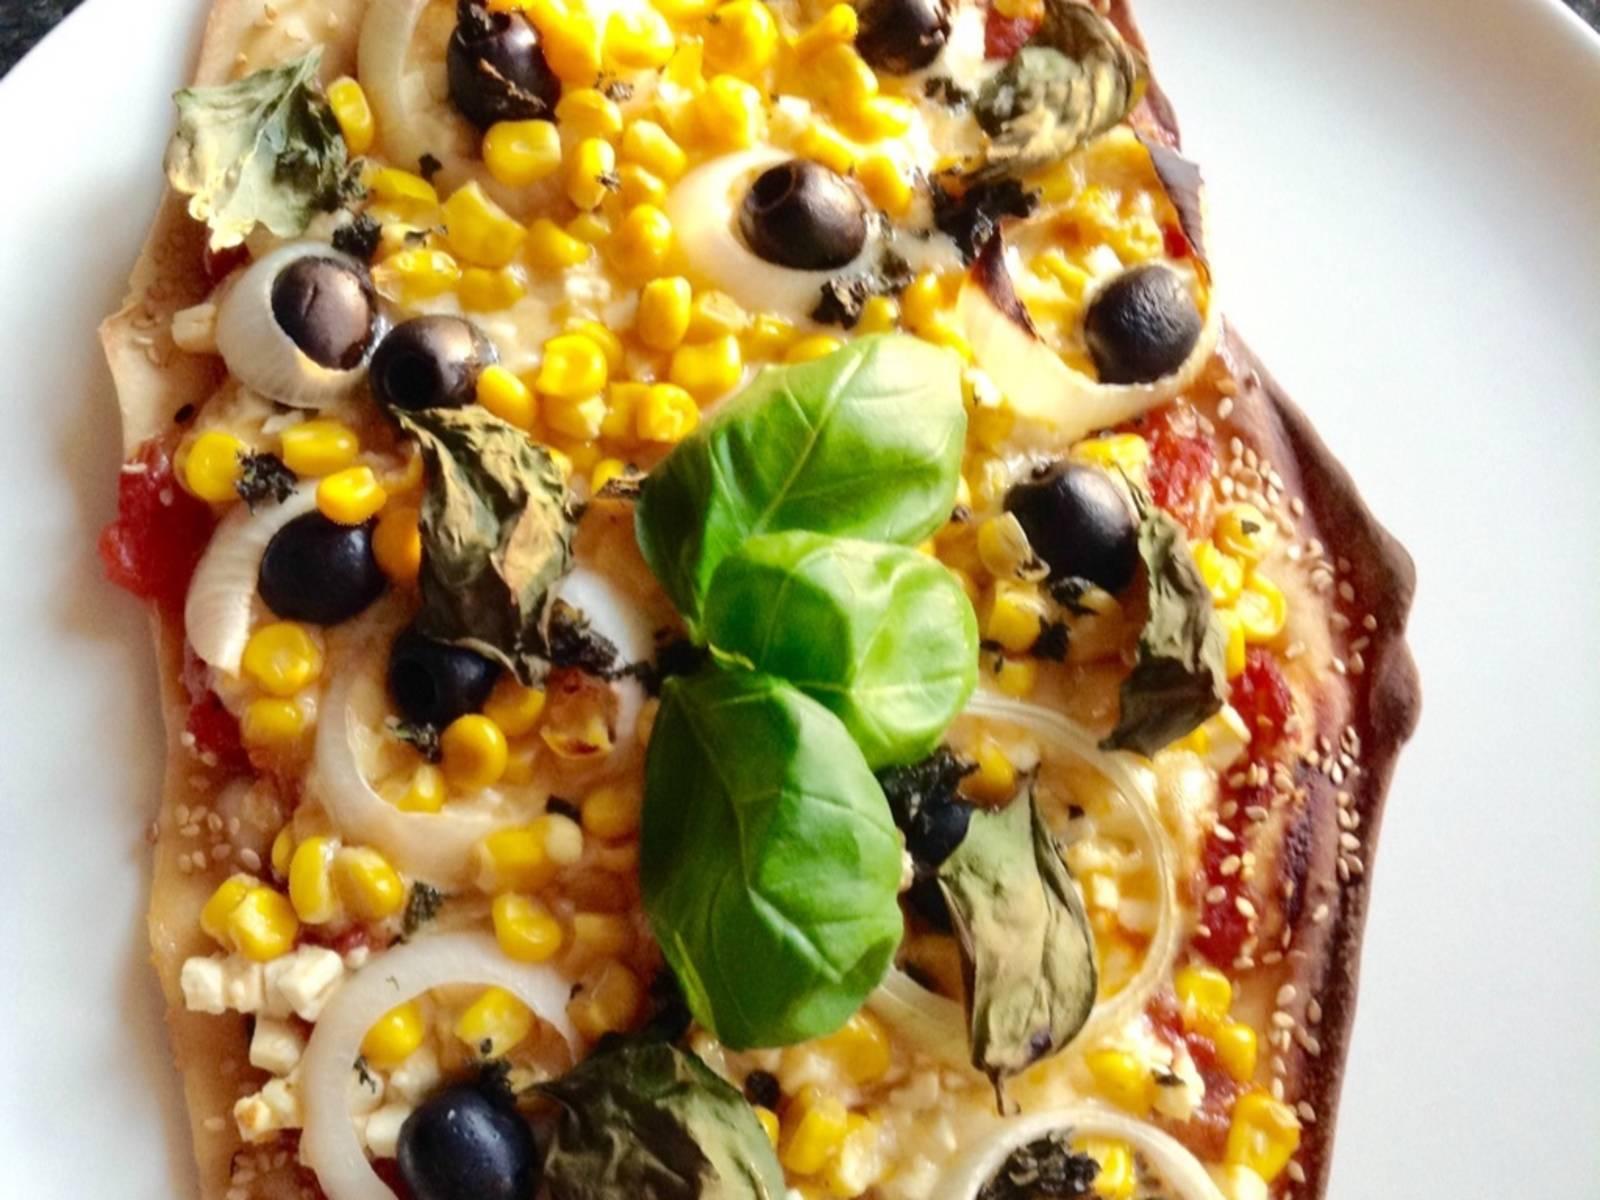 Auf die noch warme Pizza streut ihr jetzt noch etwas gehackten Oregano und einige frische Basilikumblätter fürs Auge und könnt nun diese ganz besondere Pizza genießen.